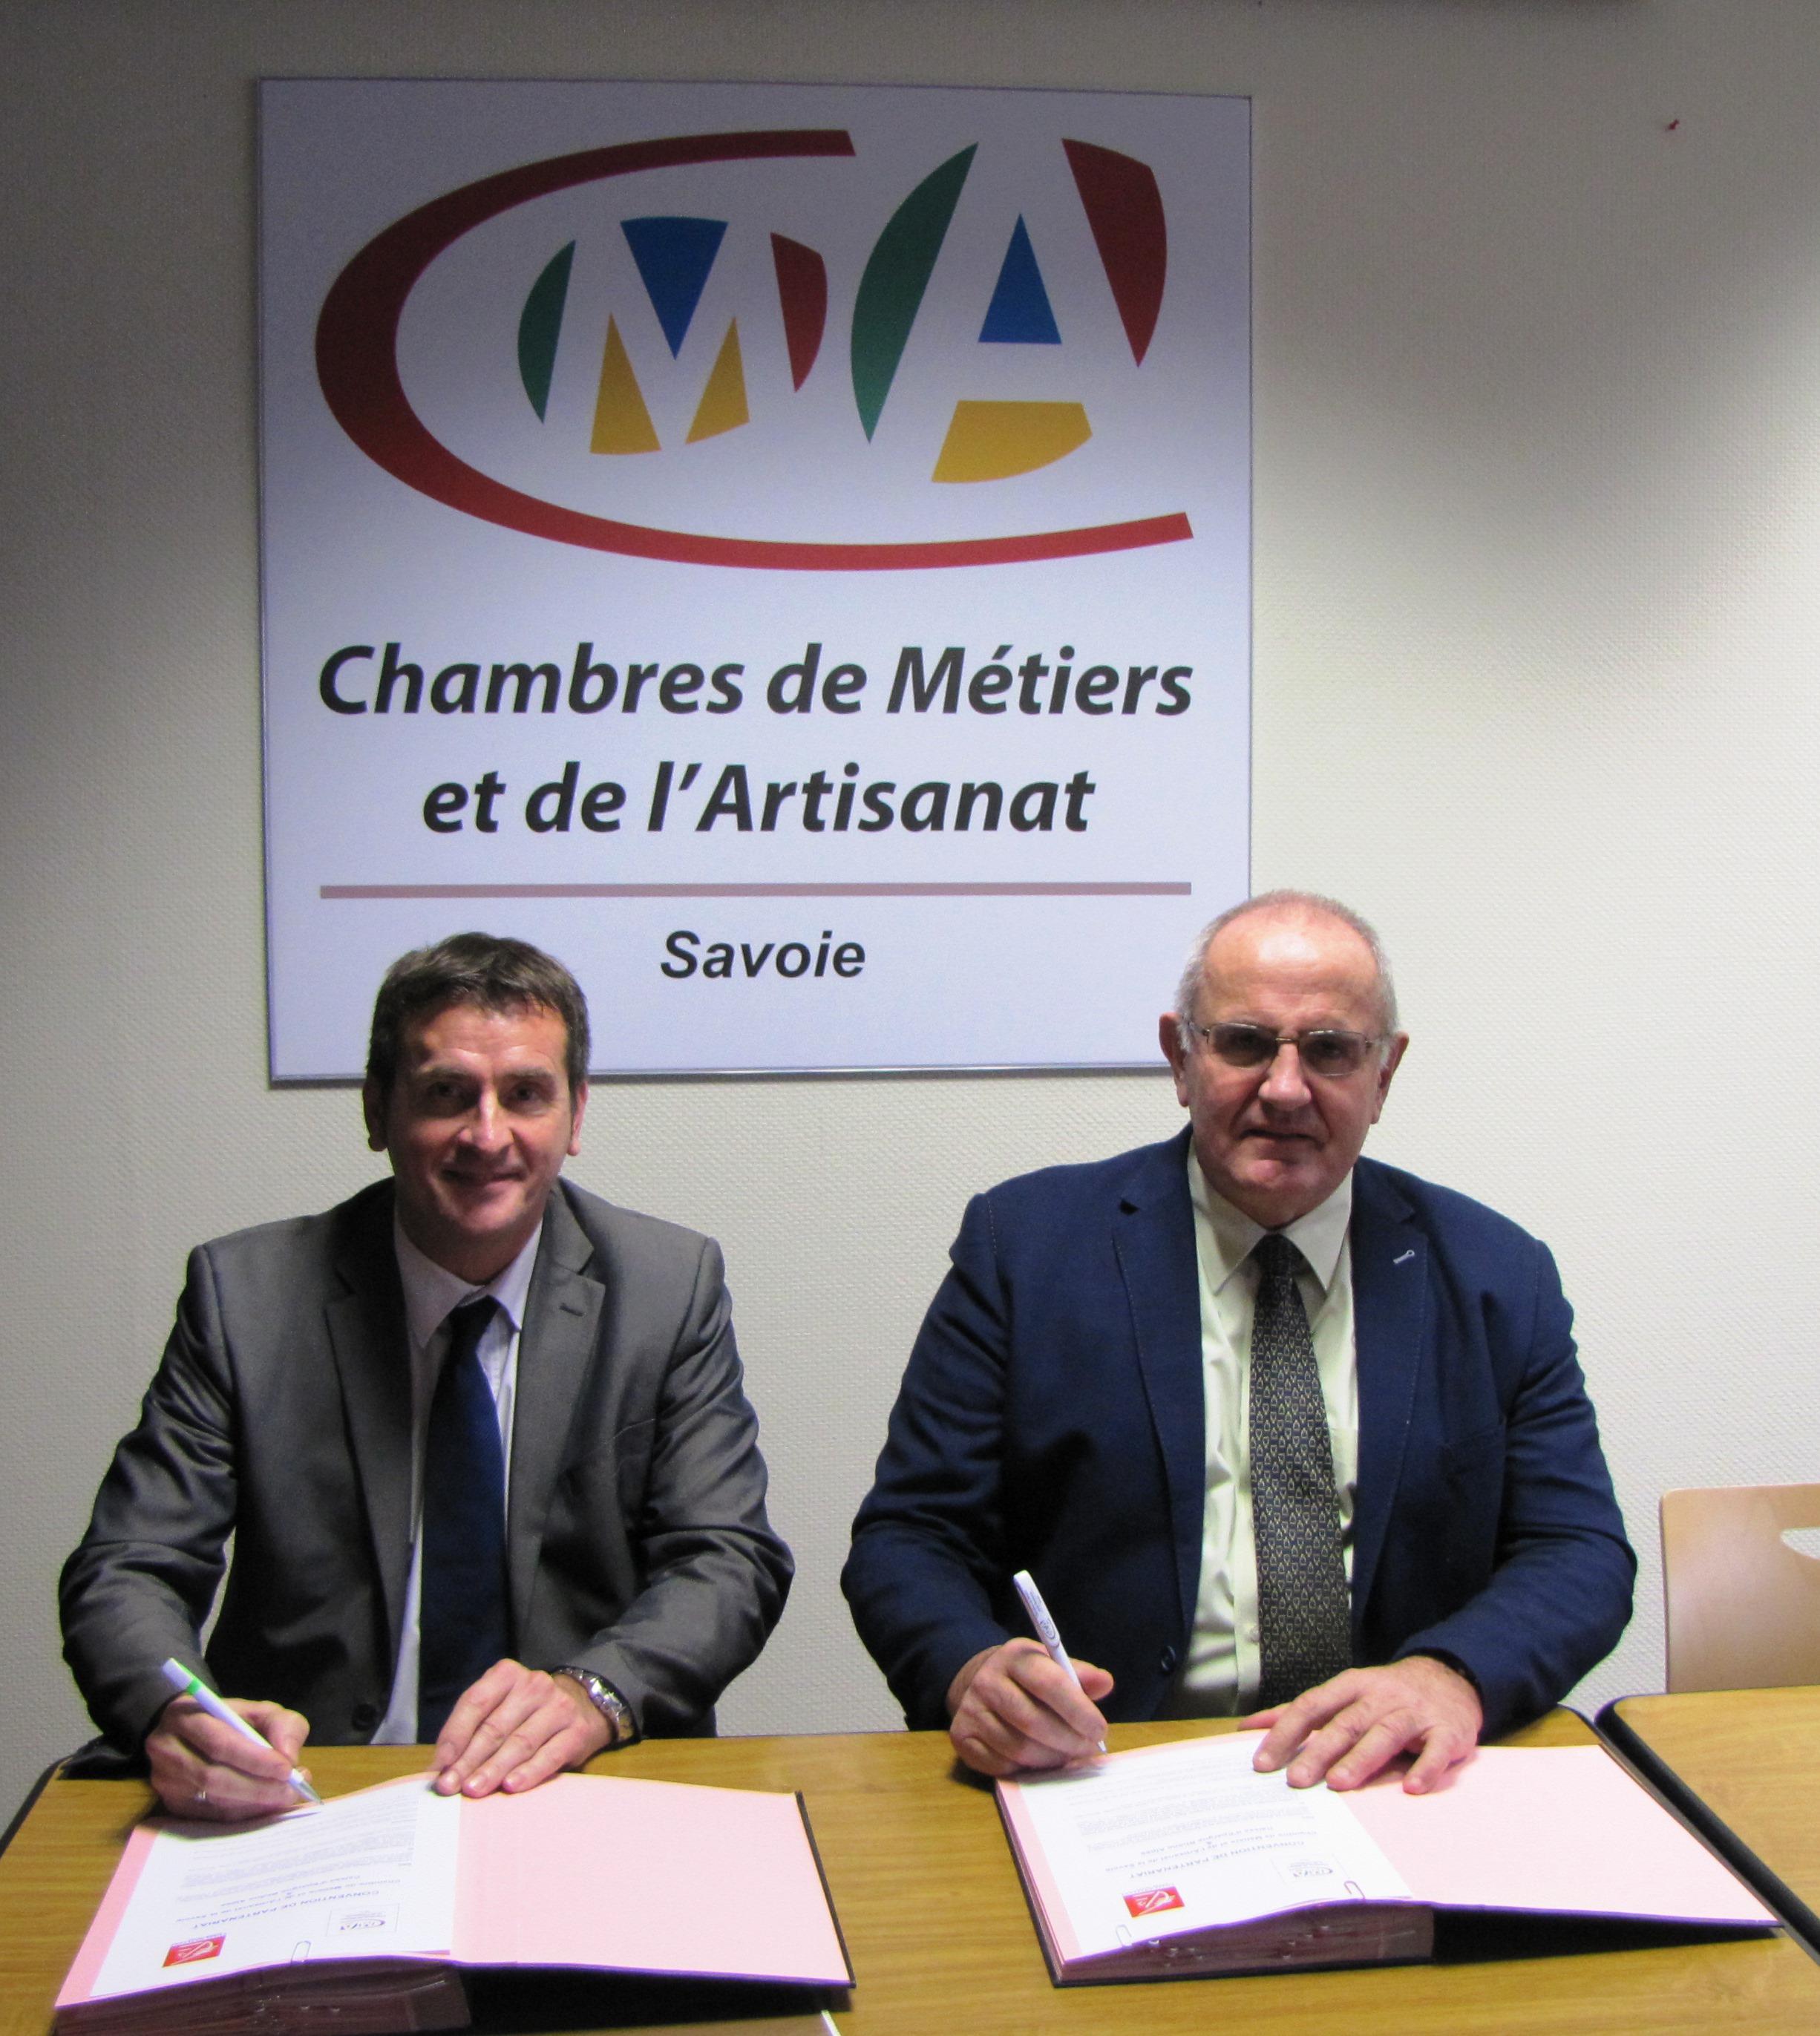 Convention de partenariat chambre de m tiers et de l - Chambre des metiers savoie ...